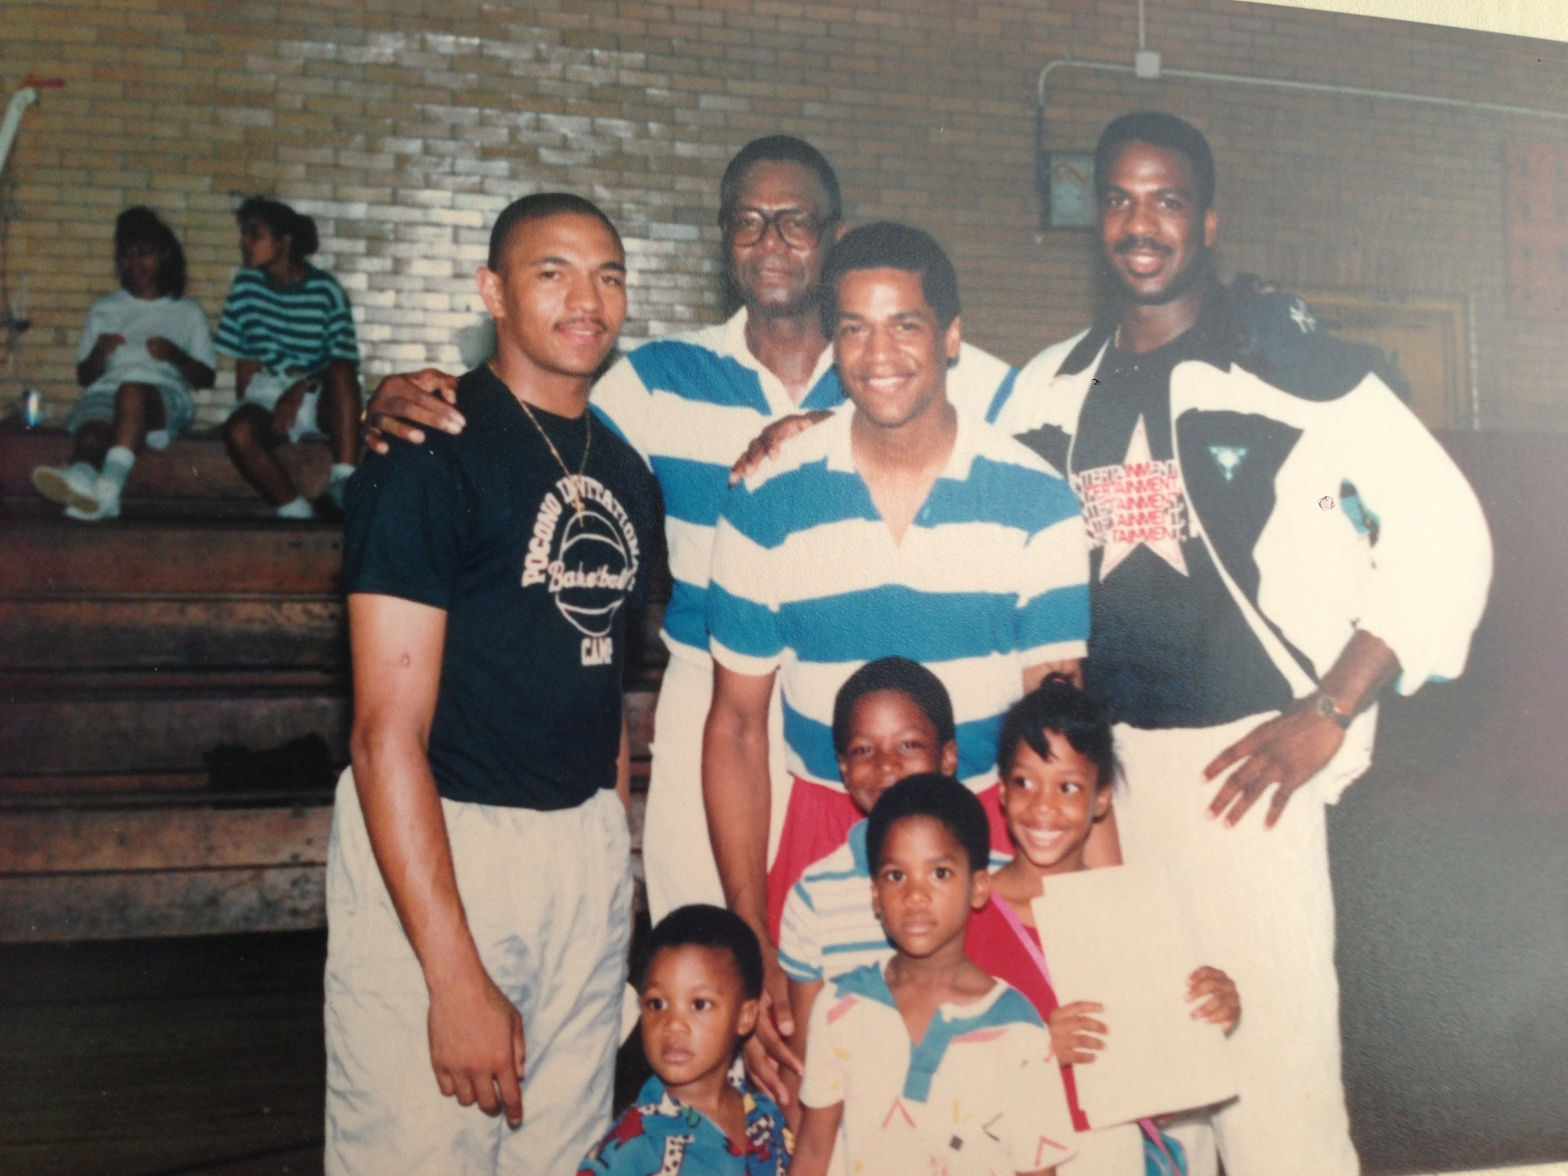 LeRoy Watkins III with his siblings and NBA basketball players